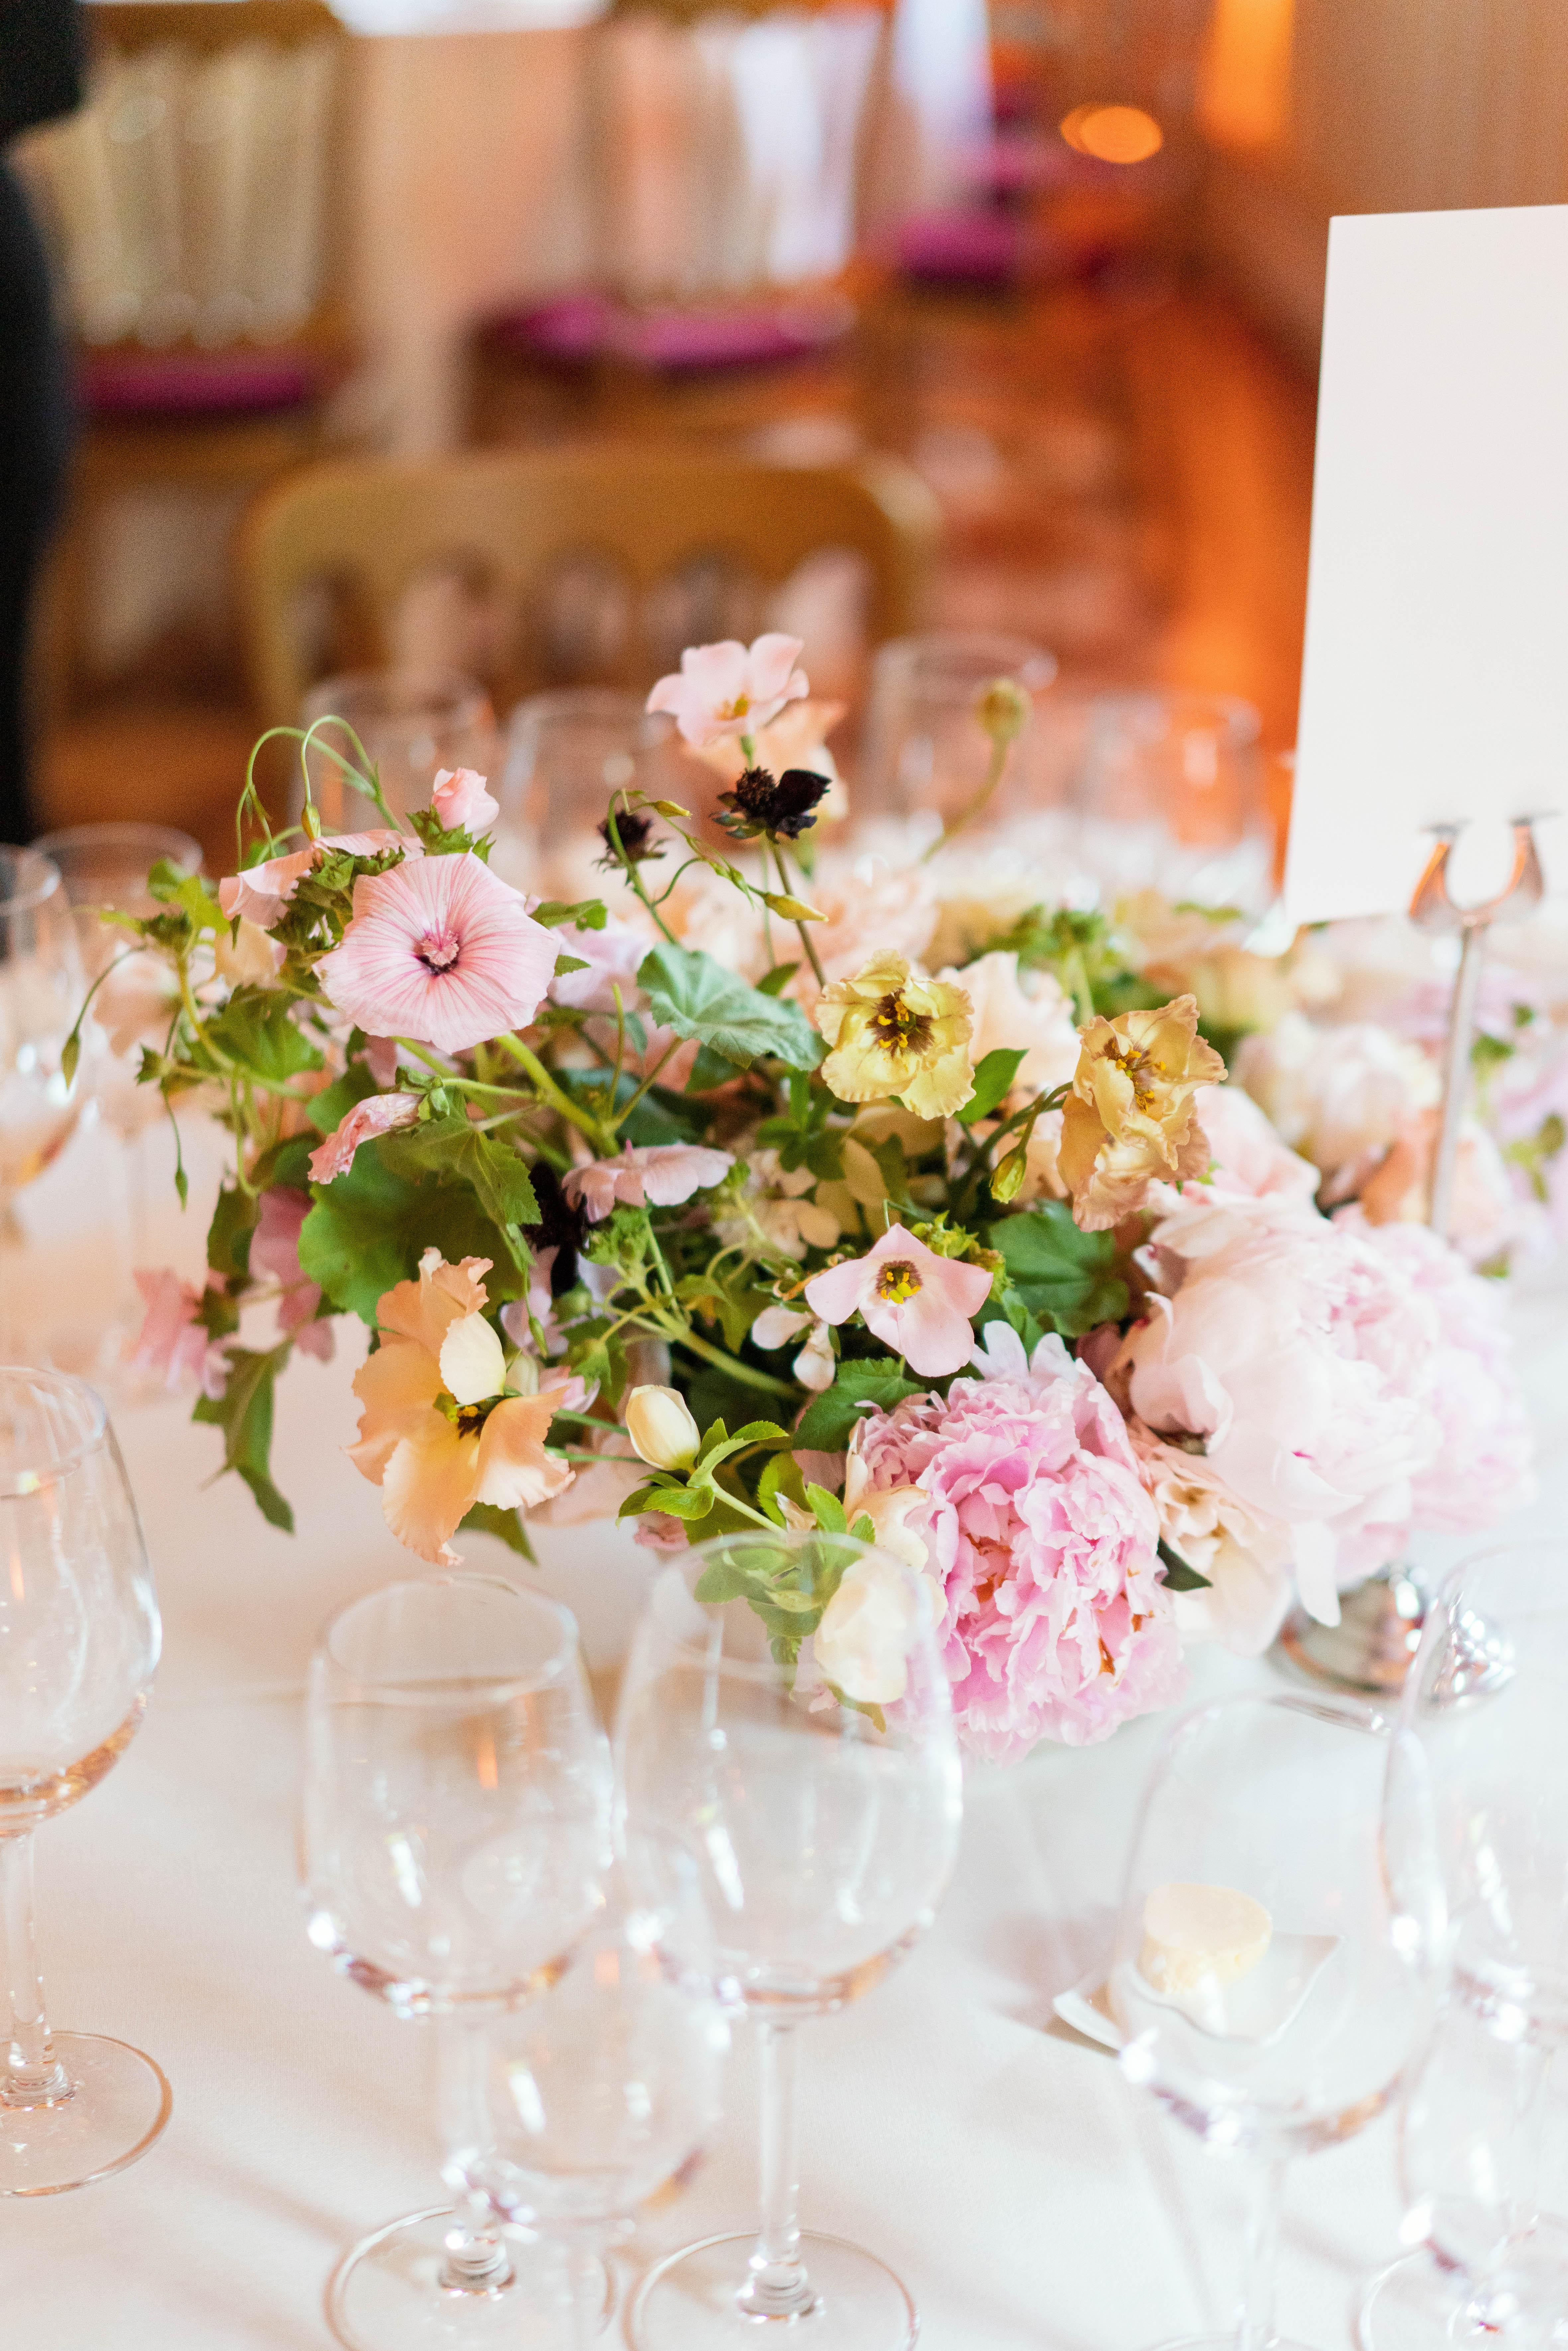 Wild and Romantic Peony Table Arrangement